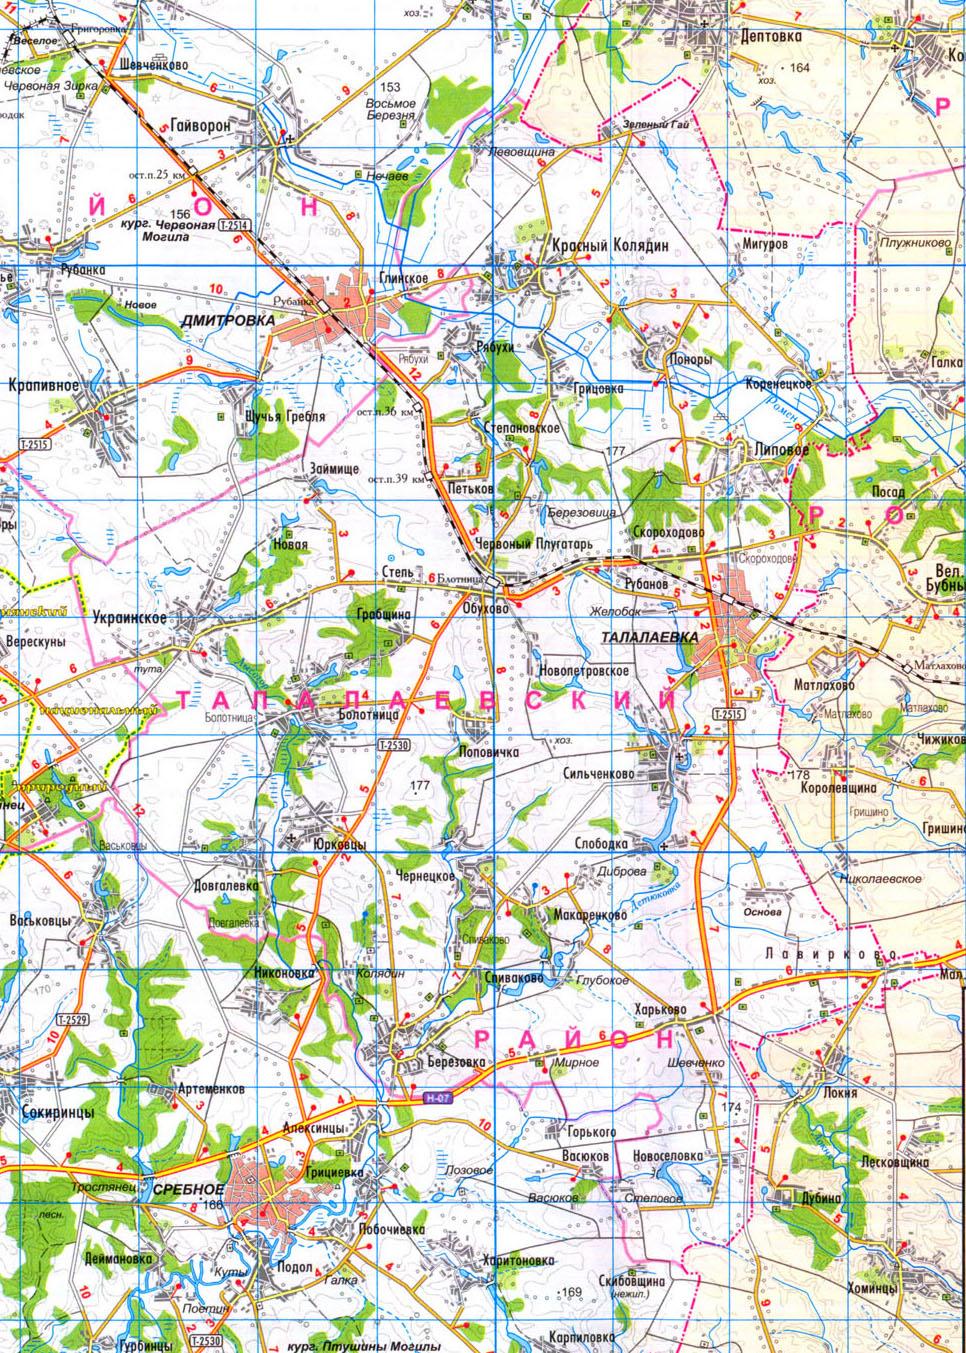 Подробная карта Талалаевского района